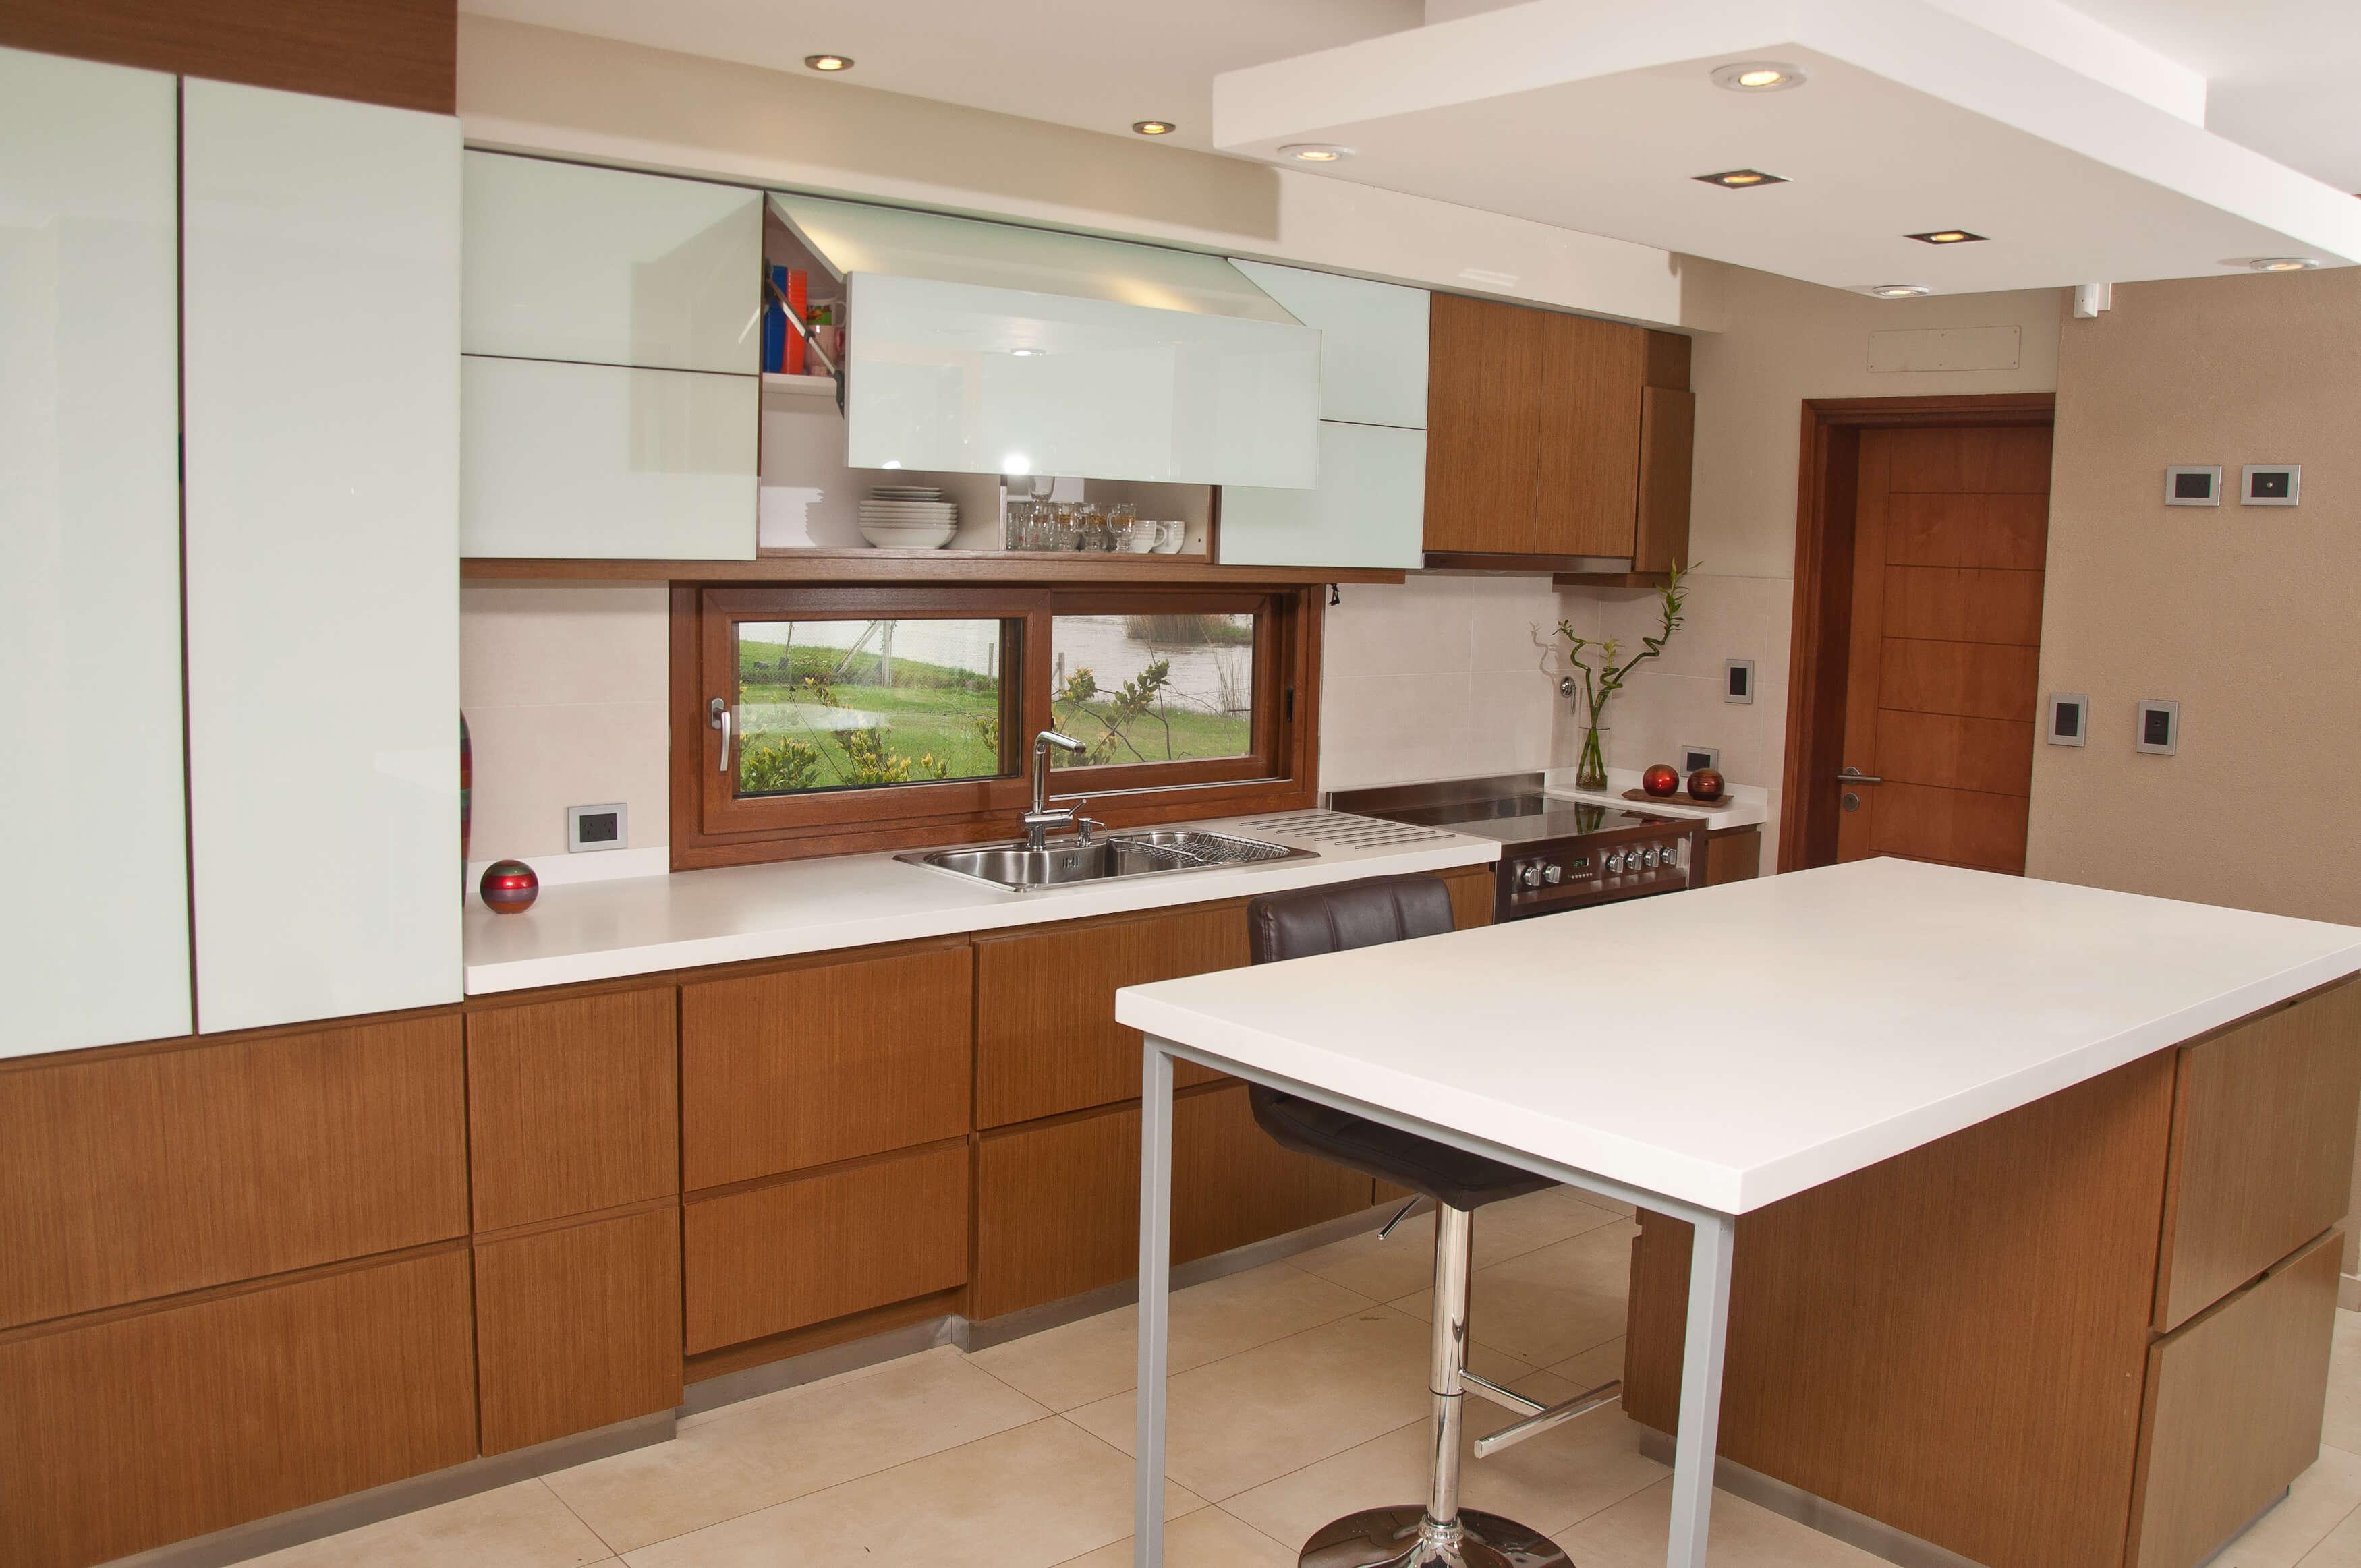 Muebles de cocina sanitarios independencia for Muebles sanitarios